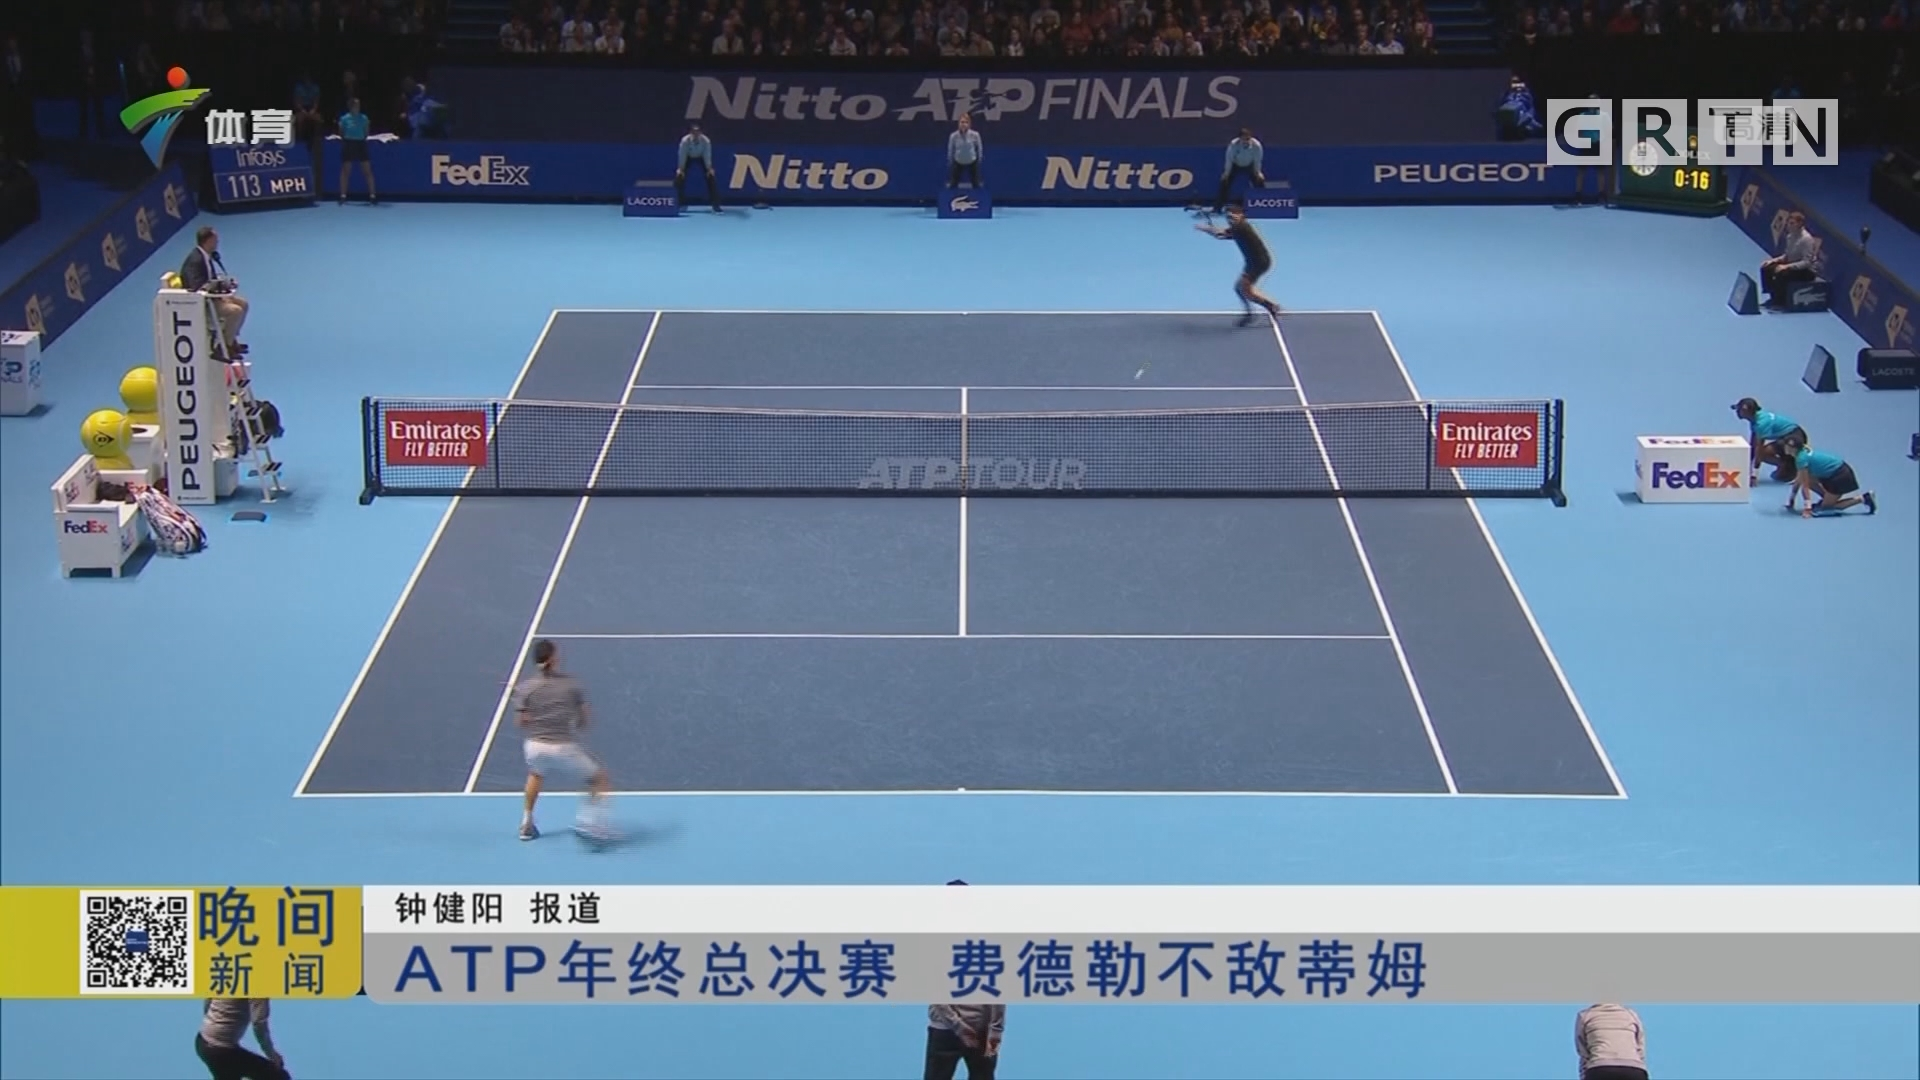 ATP年终总决赛 费德勒不敌蒂姆